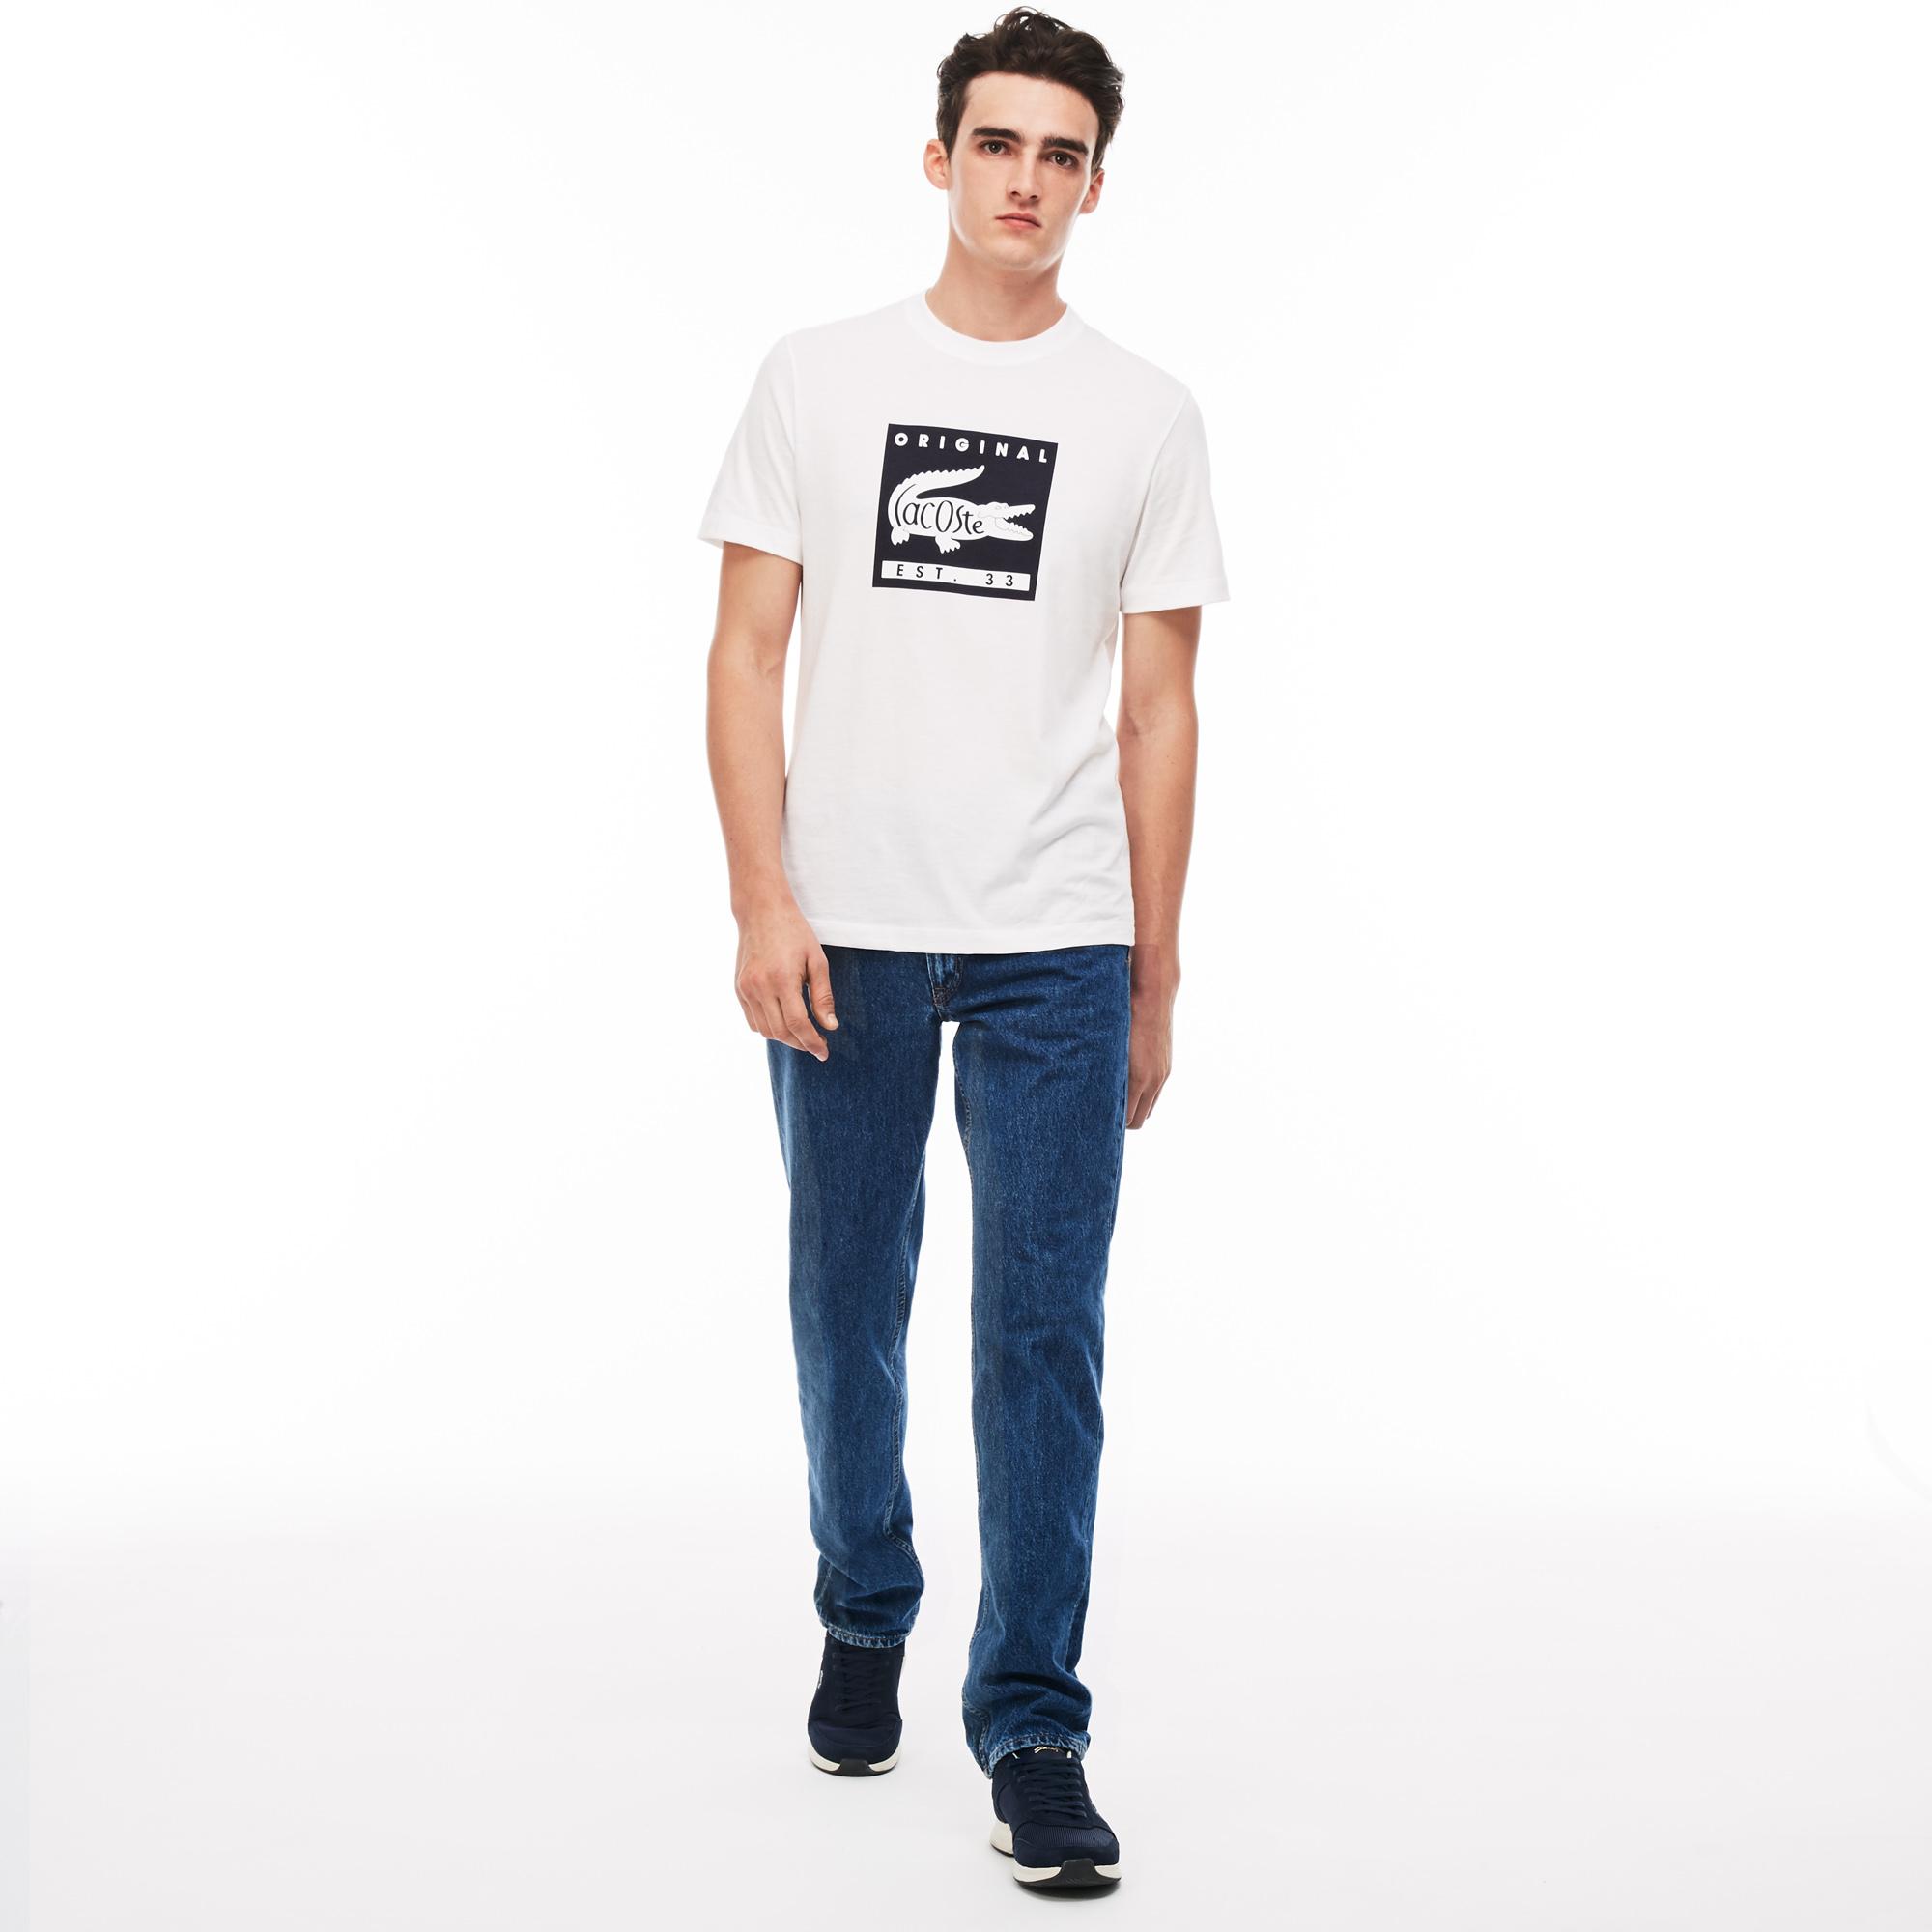 Джинсы Lacoste Slim fitБрюки<br>Детали: стильные мужские джинсы  \ Материал: 100% хлопок 50% хлопок 50% полиэстер \ Страна производства: Тунис